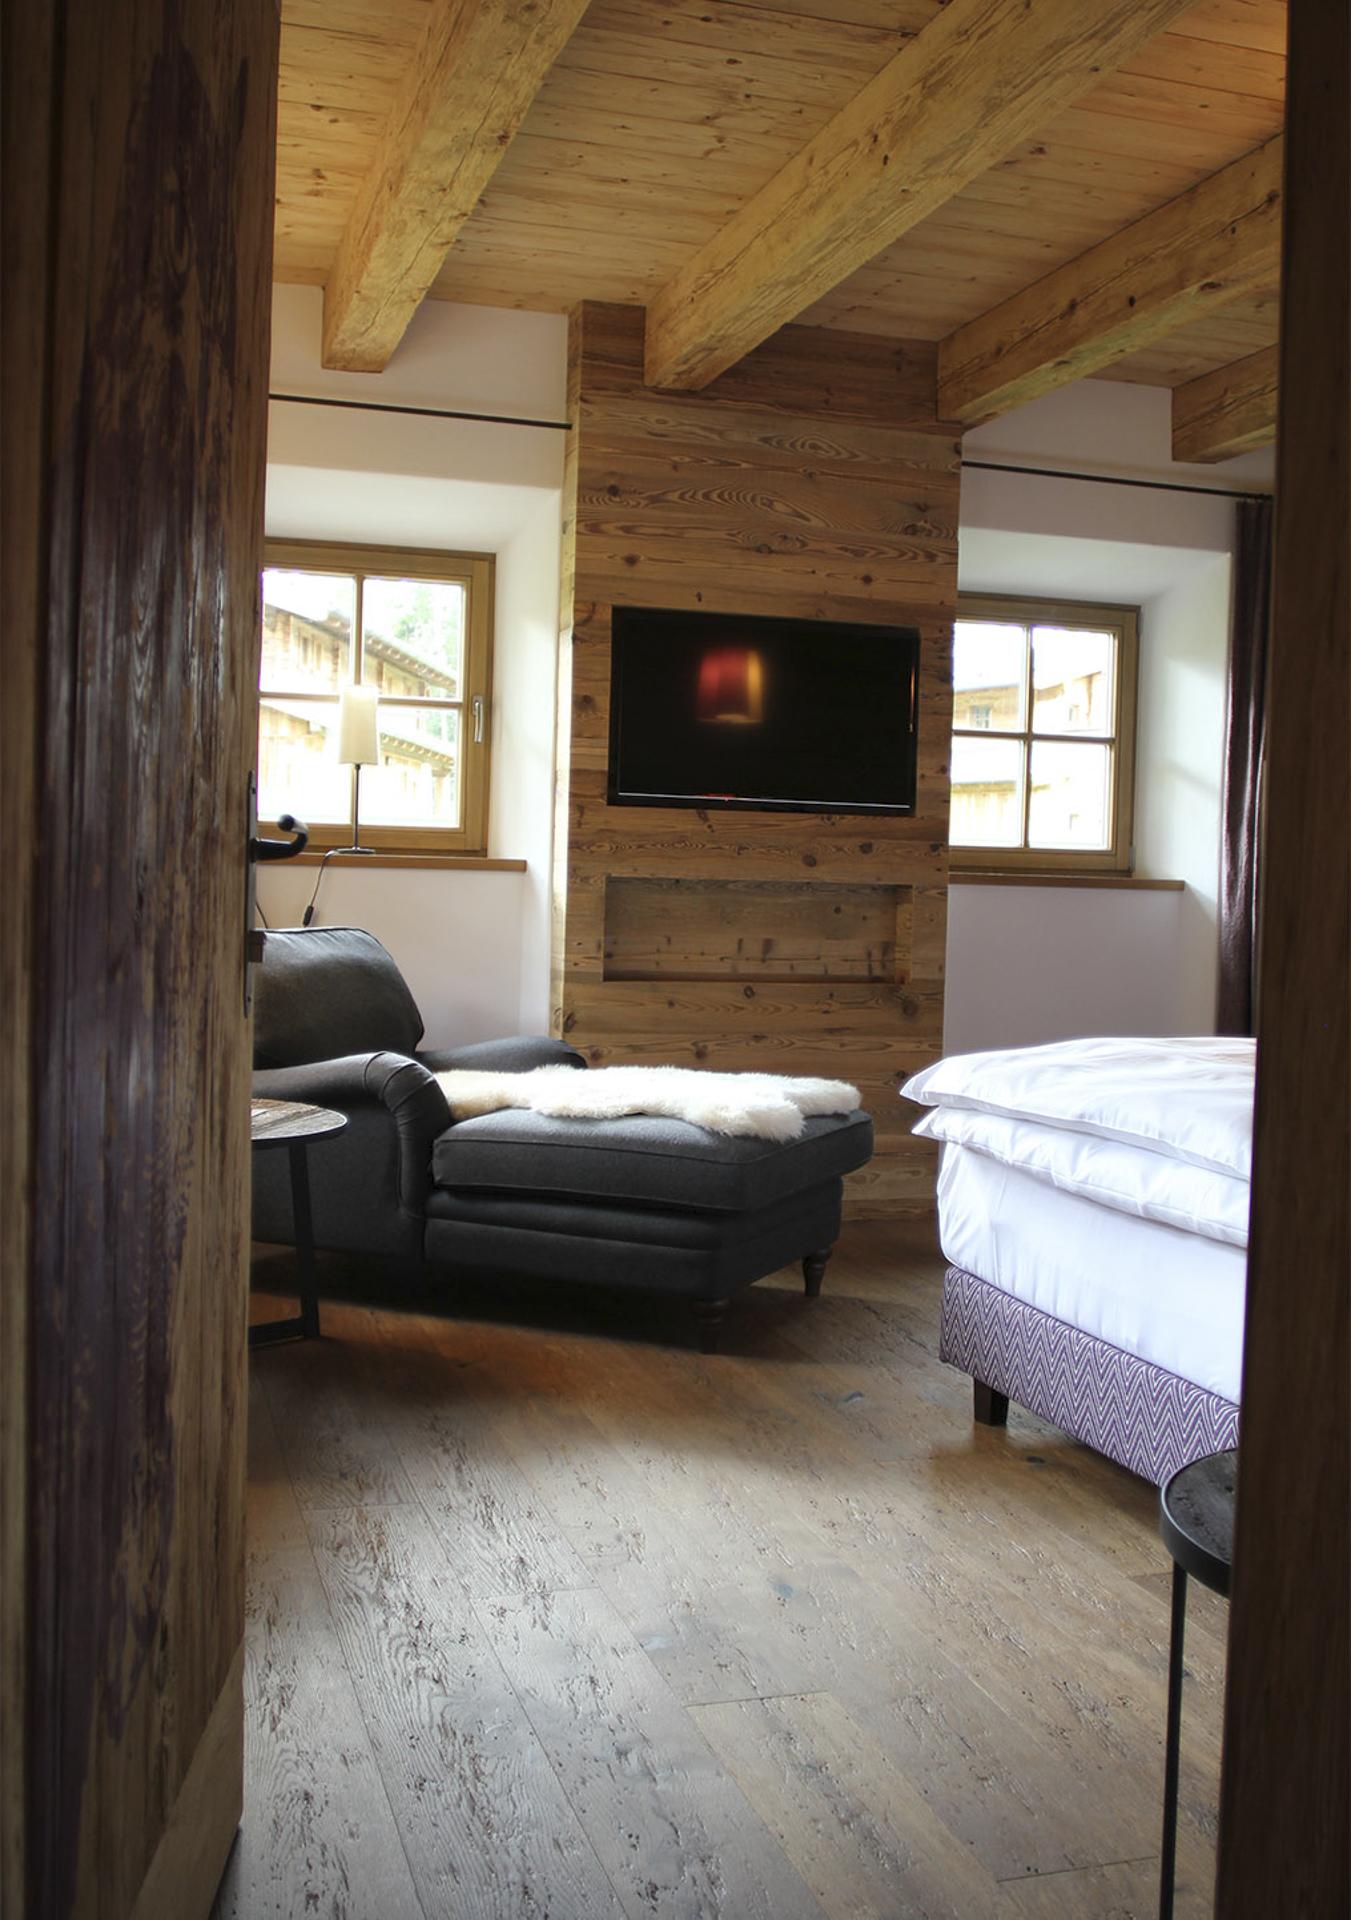 tischlerei-decker-Chalet-Eule-Schlafzimmer